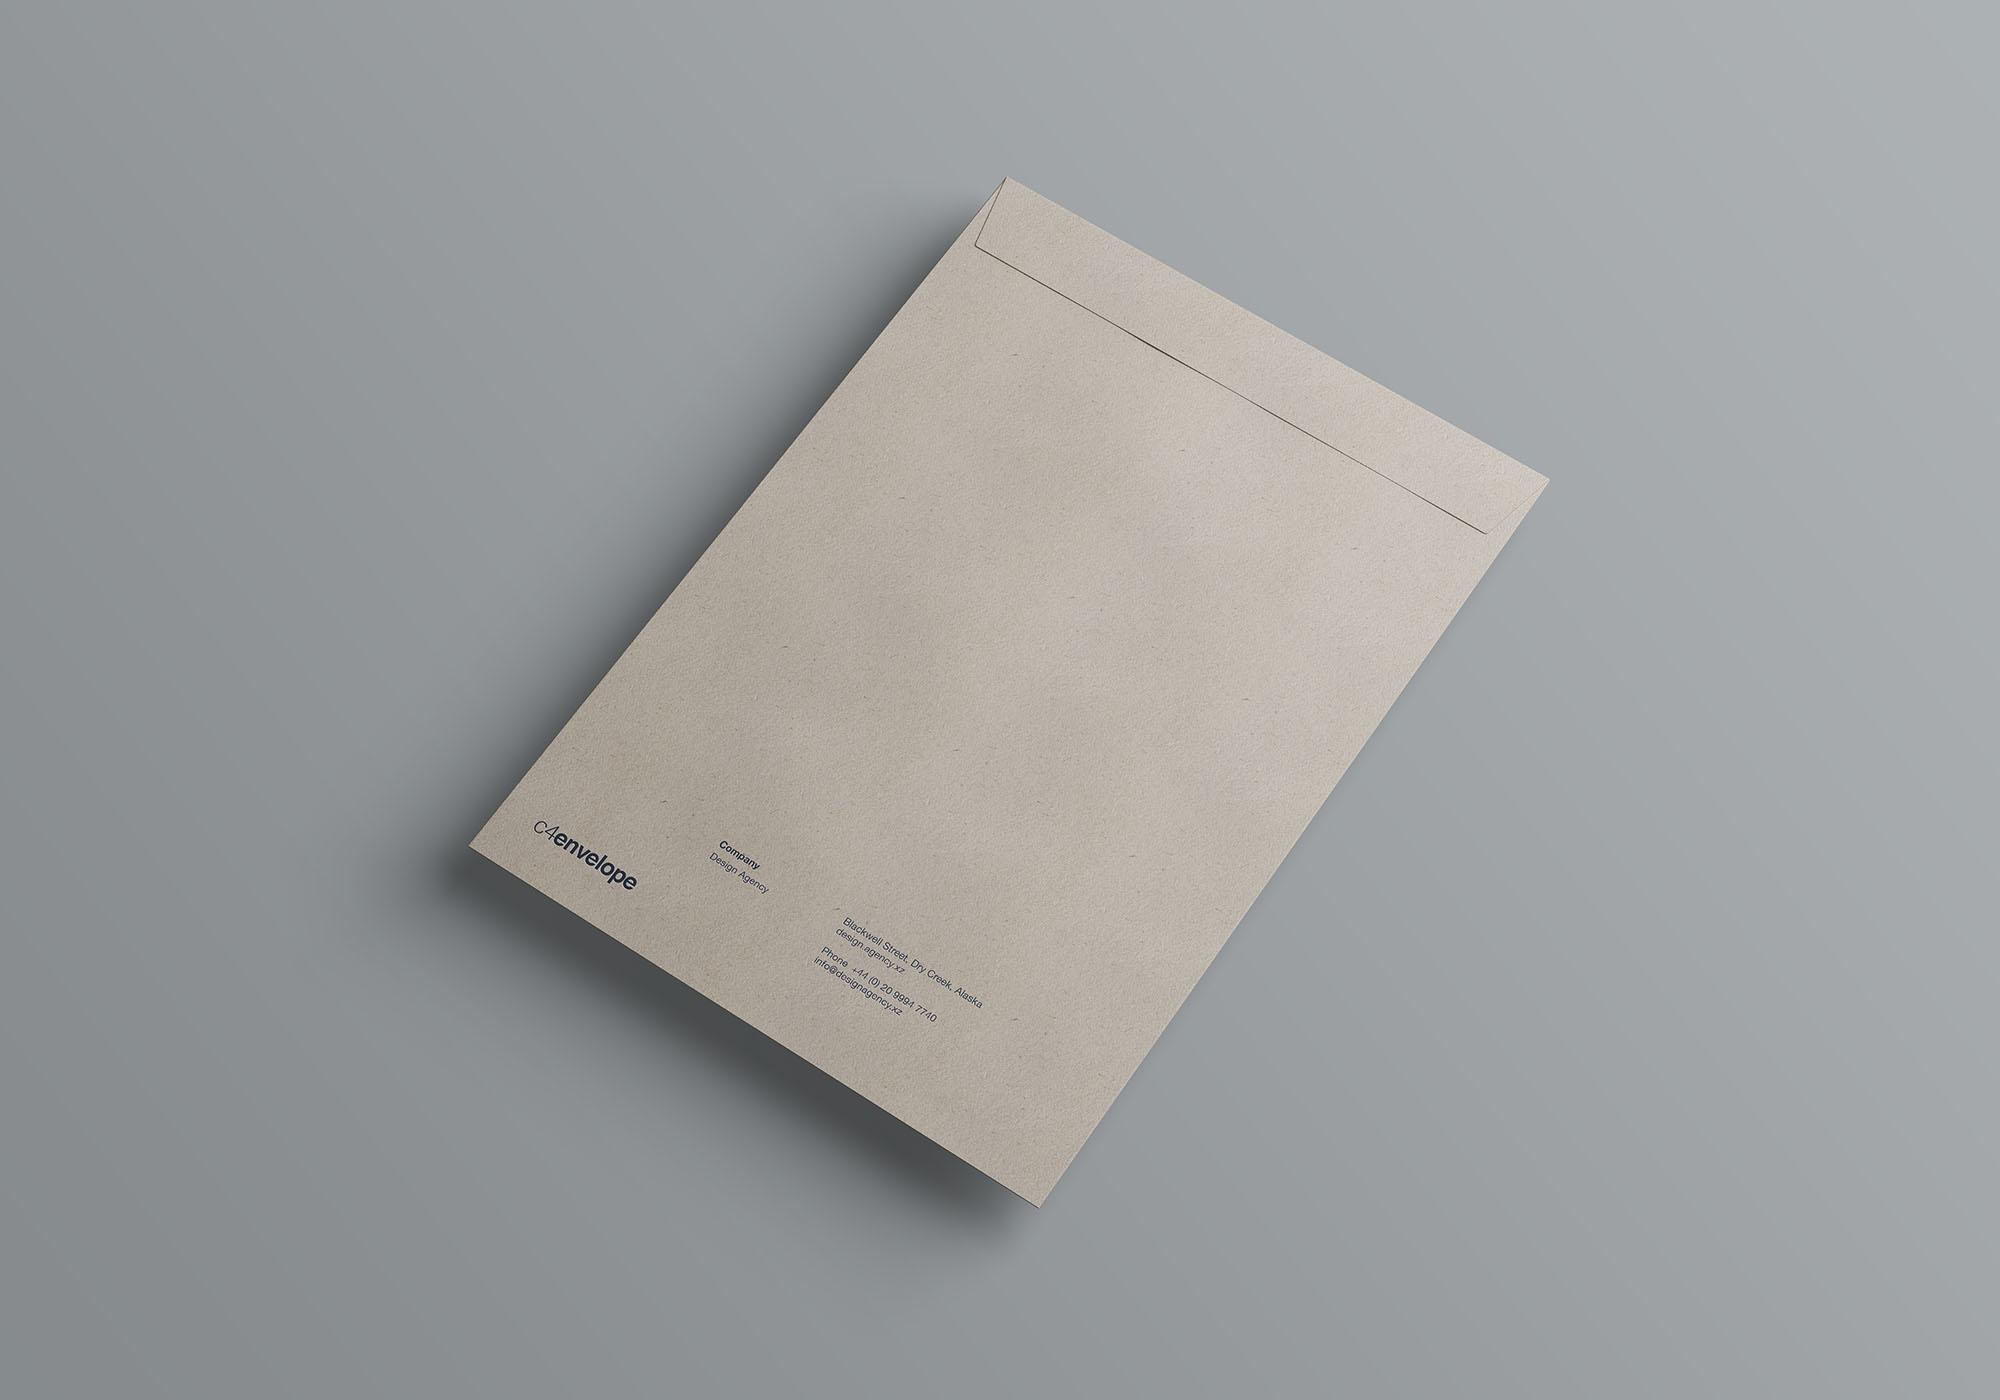 档案袋文件袋展示样机 C4 Envelope Mockup